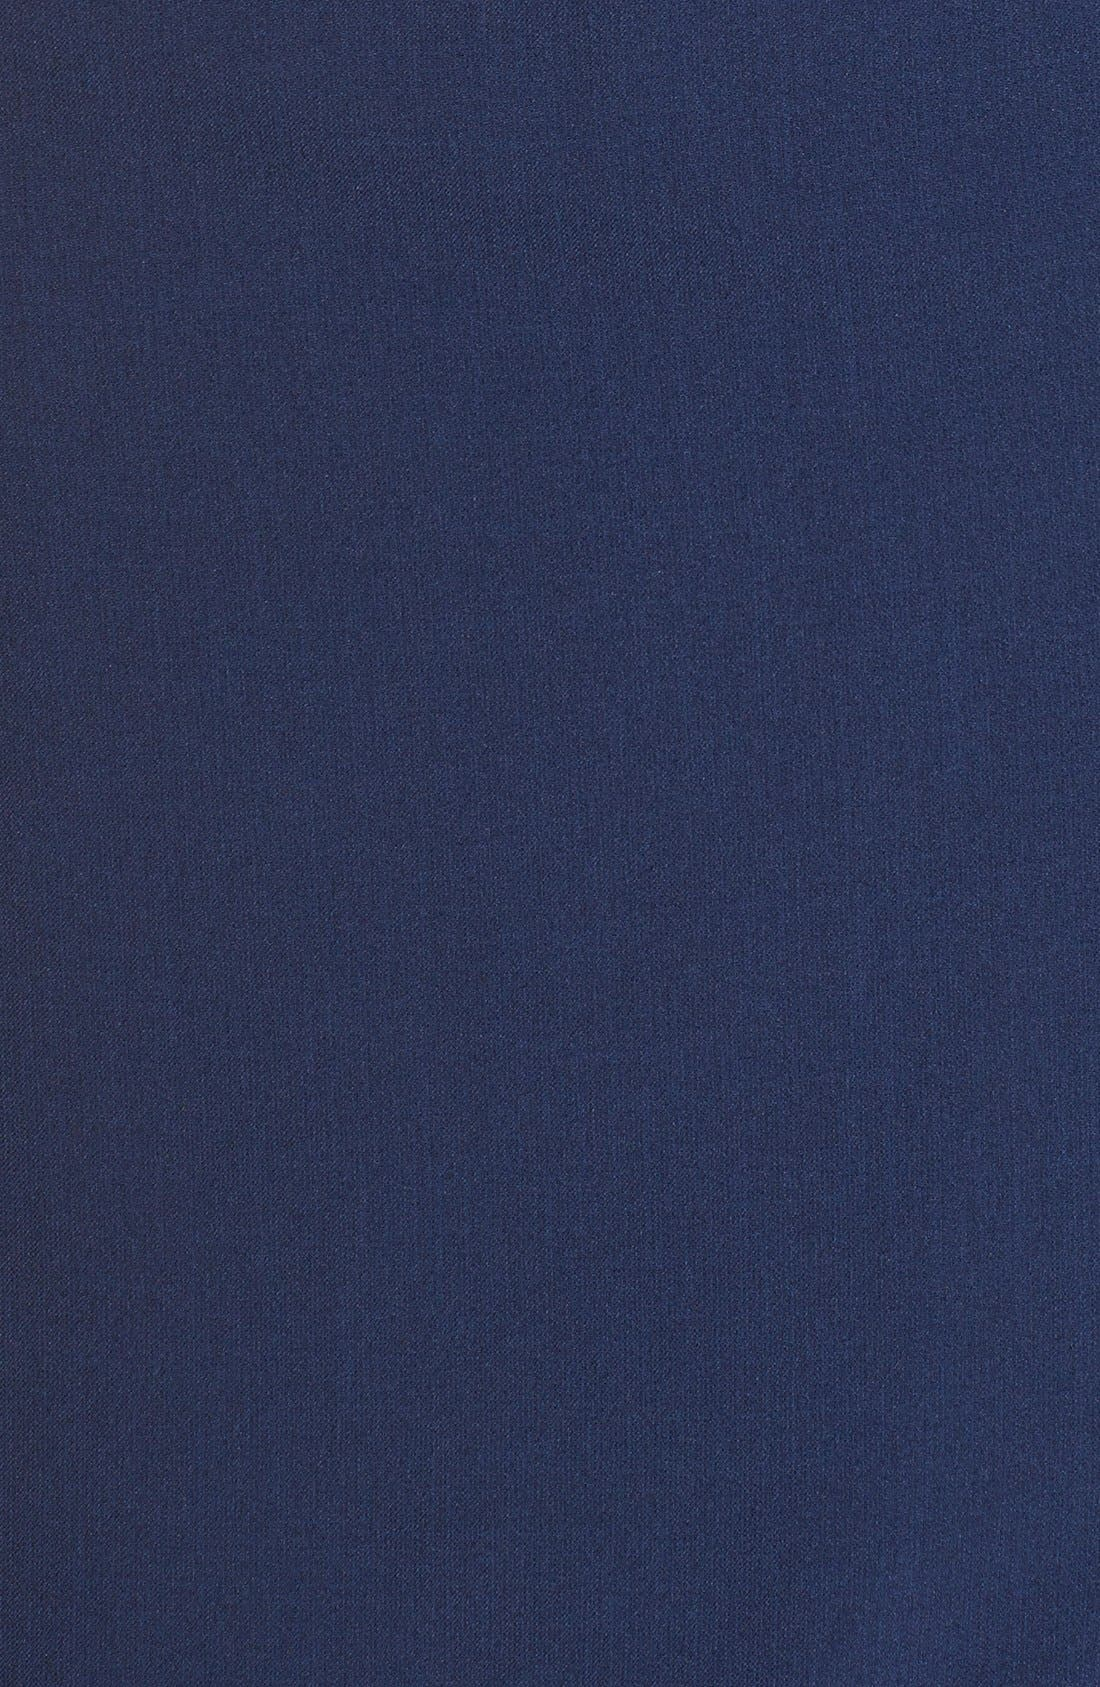 Drape Neck Crepe Sheath Dress,                             Alternate thumbnail 2, color,                             401